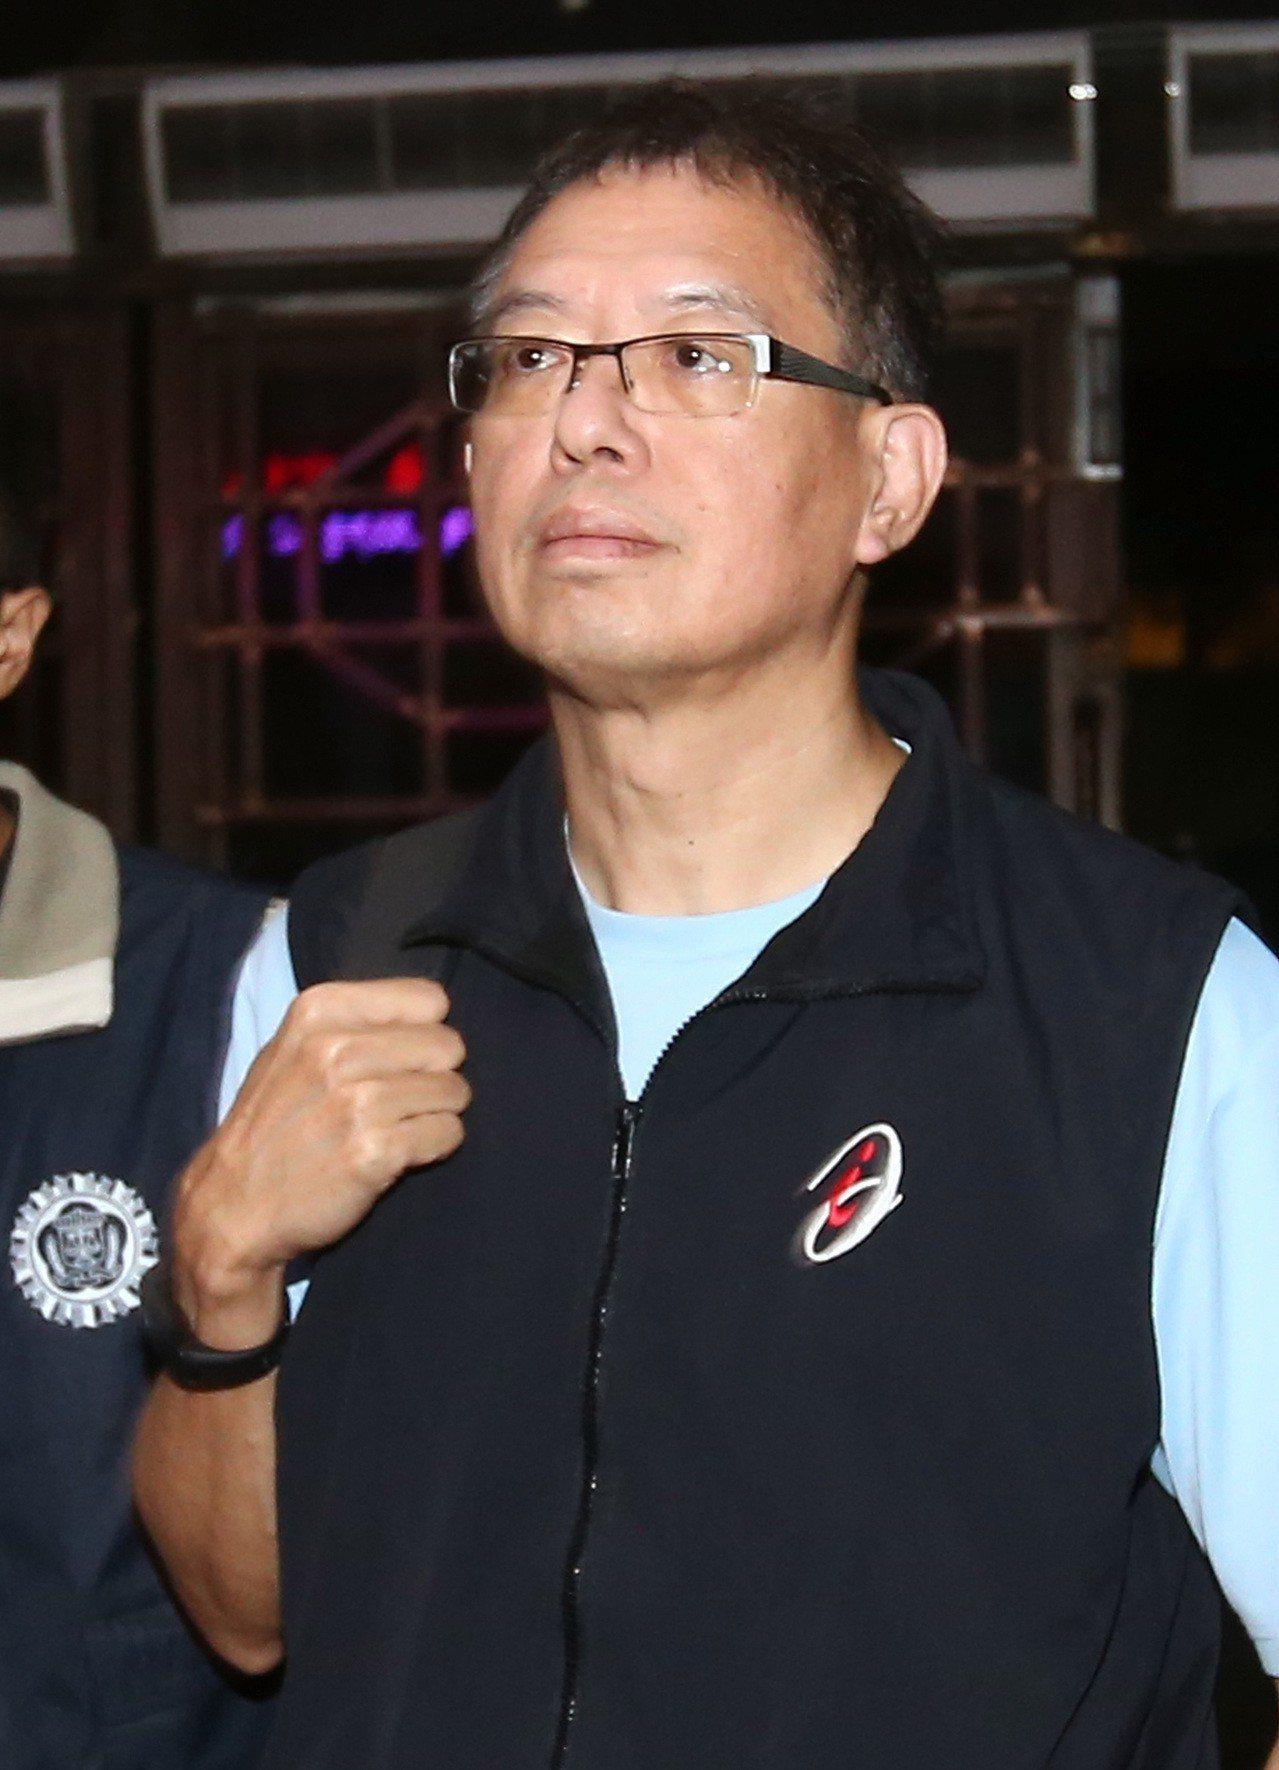 台北地檢署偵辦台塑總管理處回扣案,意外查出案外案。懷疑在押的艾博斯科技公司負責人...